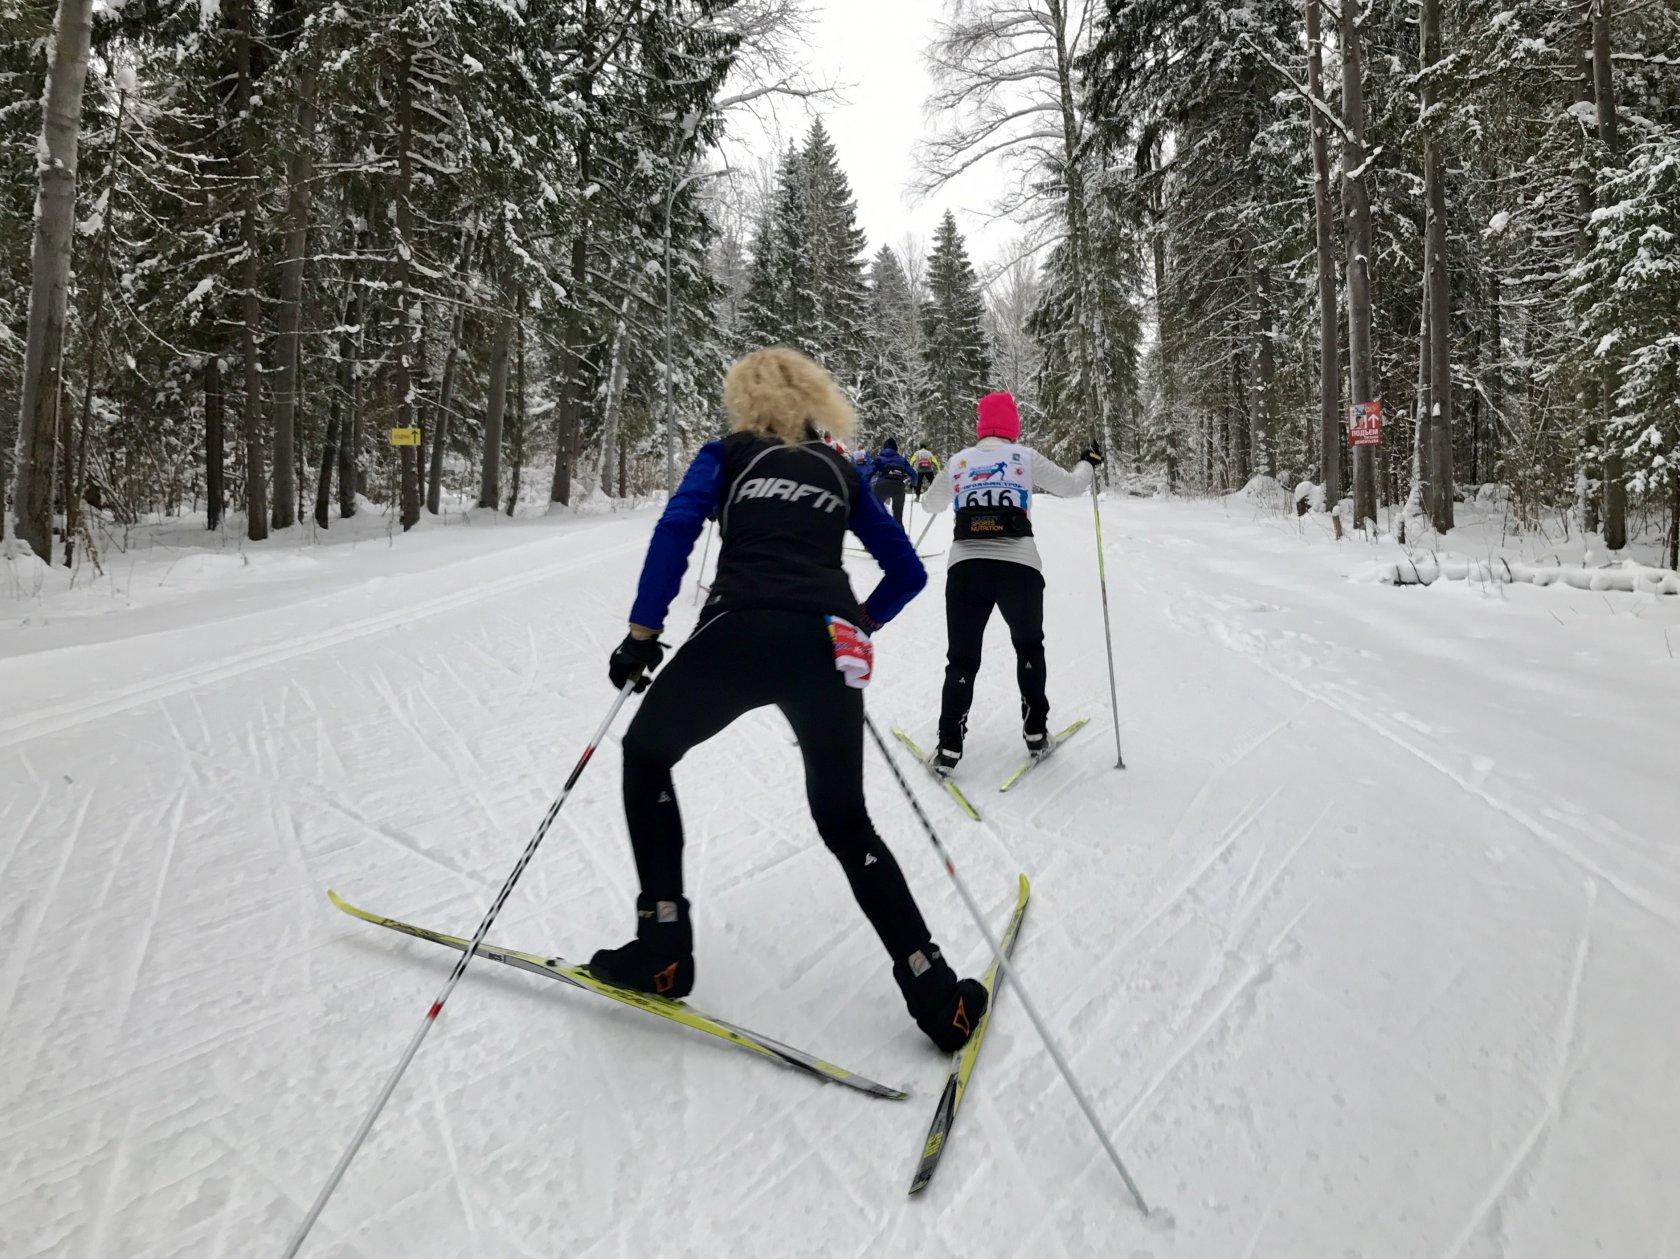 Курские студенты в поддержку участников Всемирной Универсиады станут на лыжи